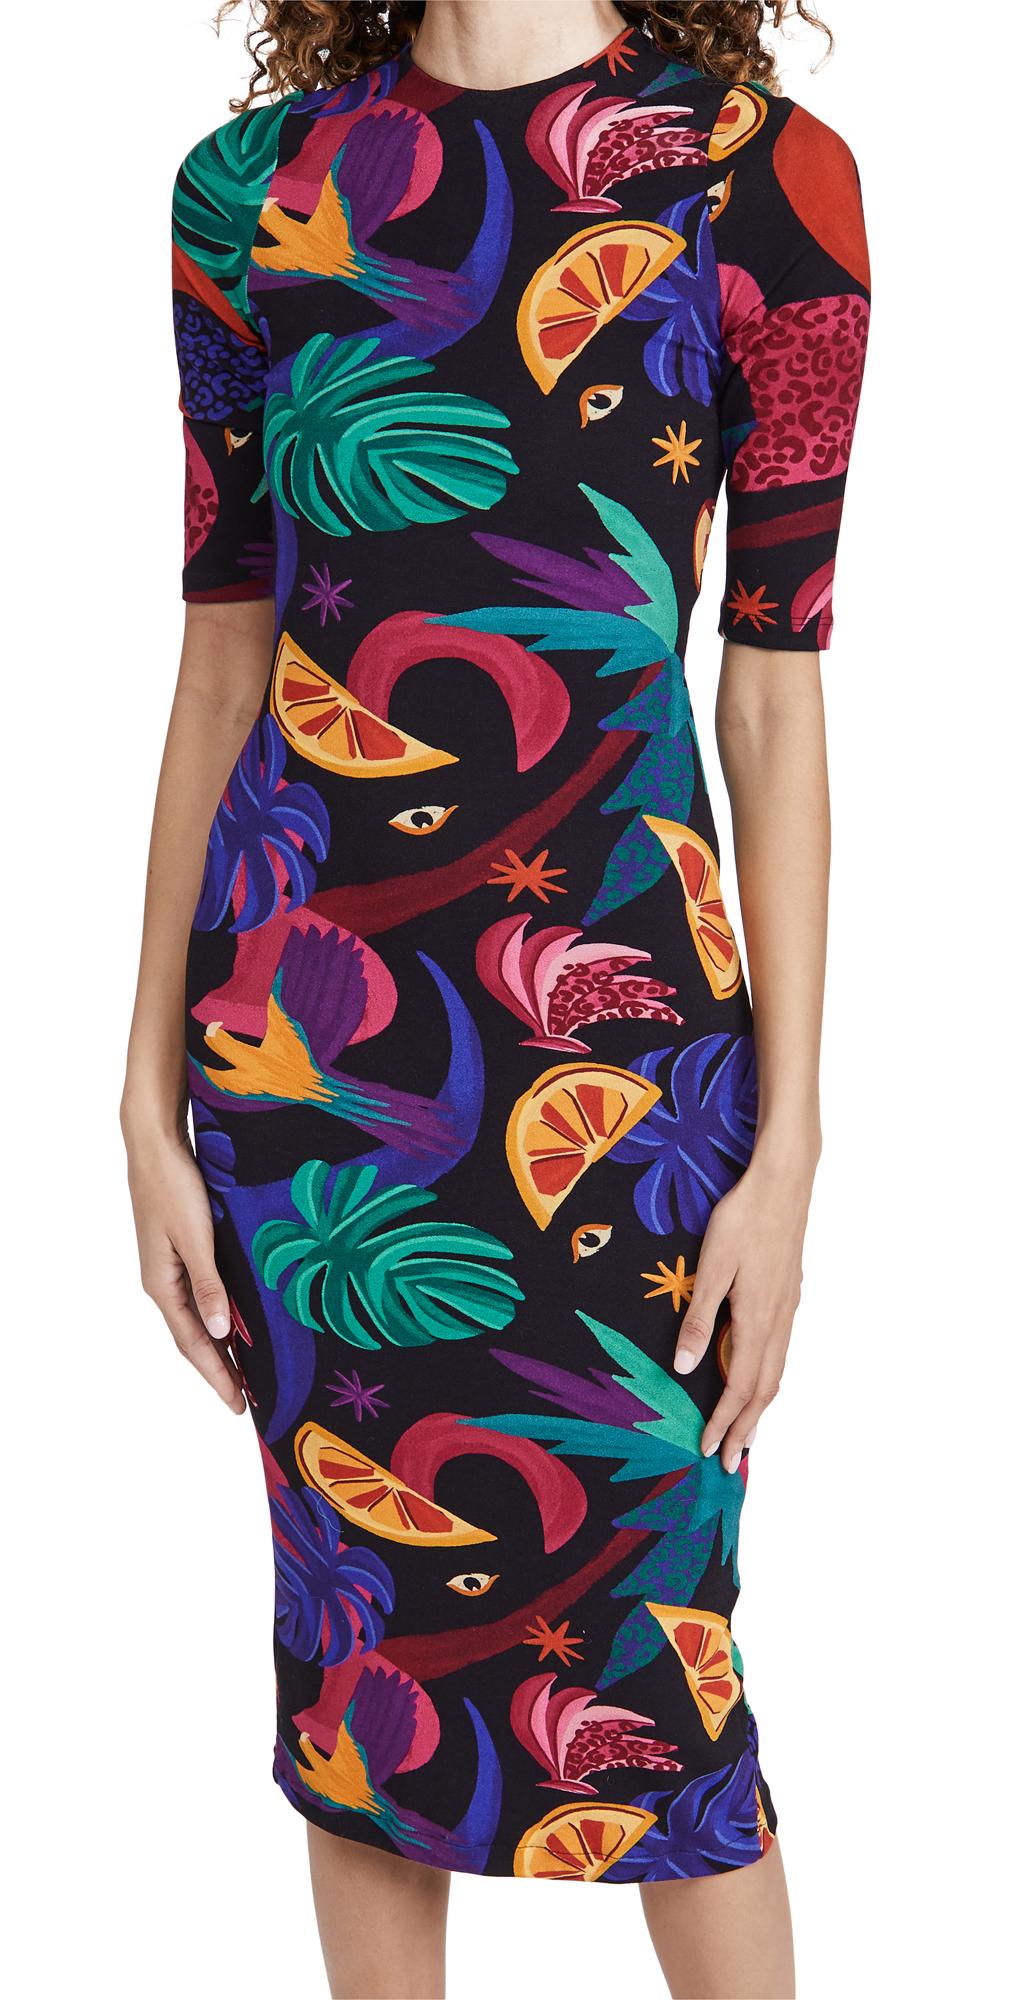 FARM Rio Mystic Jungle Midi Knit Dress